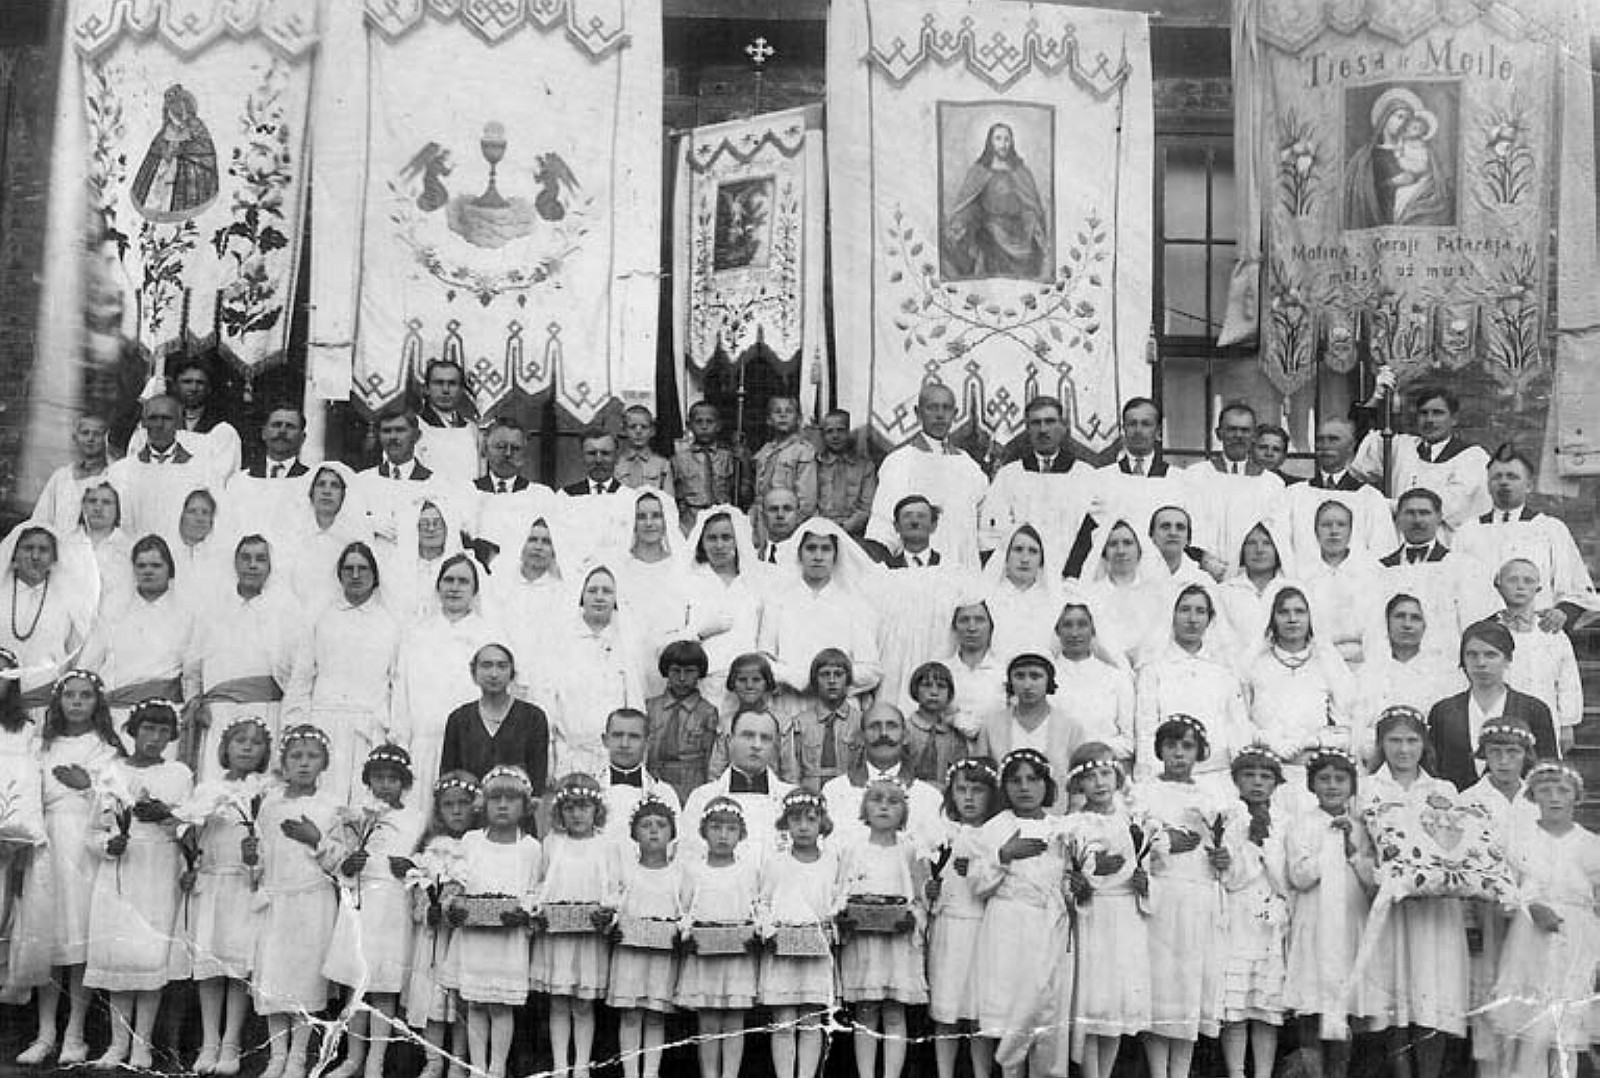 10 il. Po šv. Mišių mąstant apie būsimą šventovę, 1932 m. rugpjūčio 3 d., Kauno Kristaus Prisikėlimo bažnyčios ir parapijos archyvas